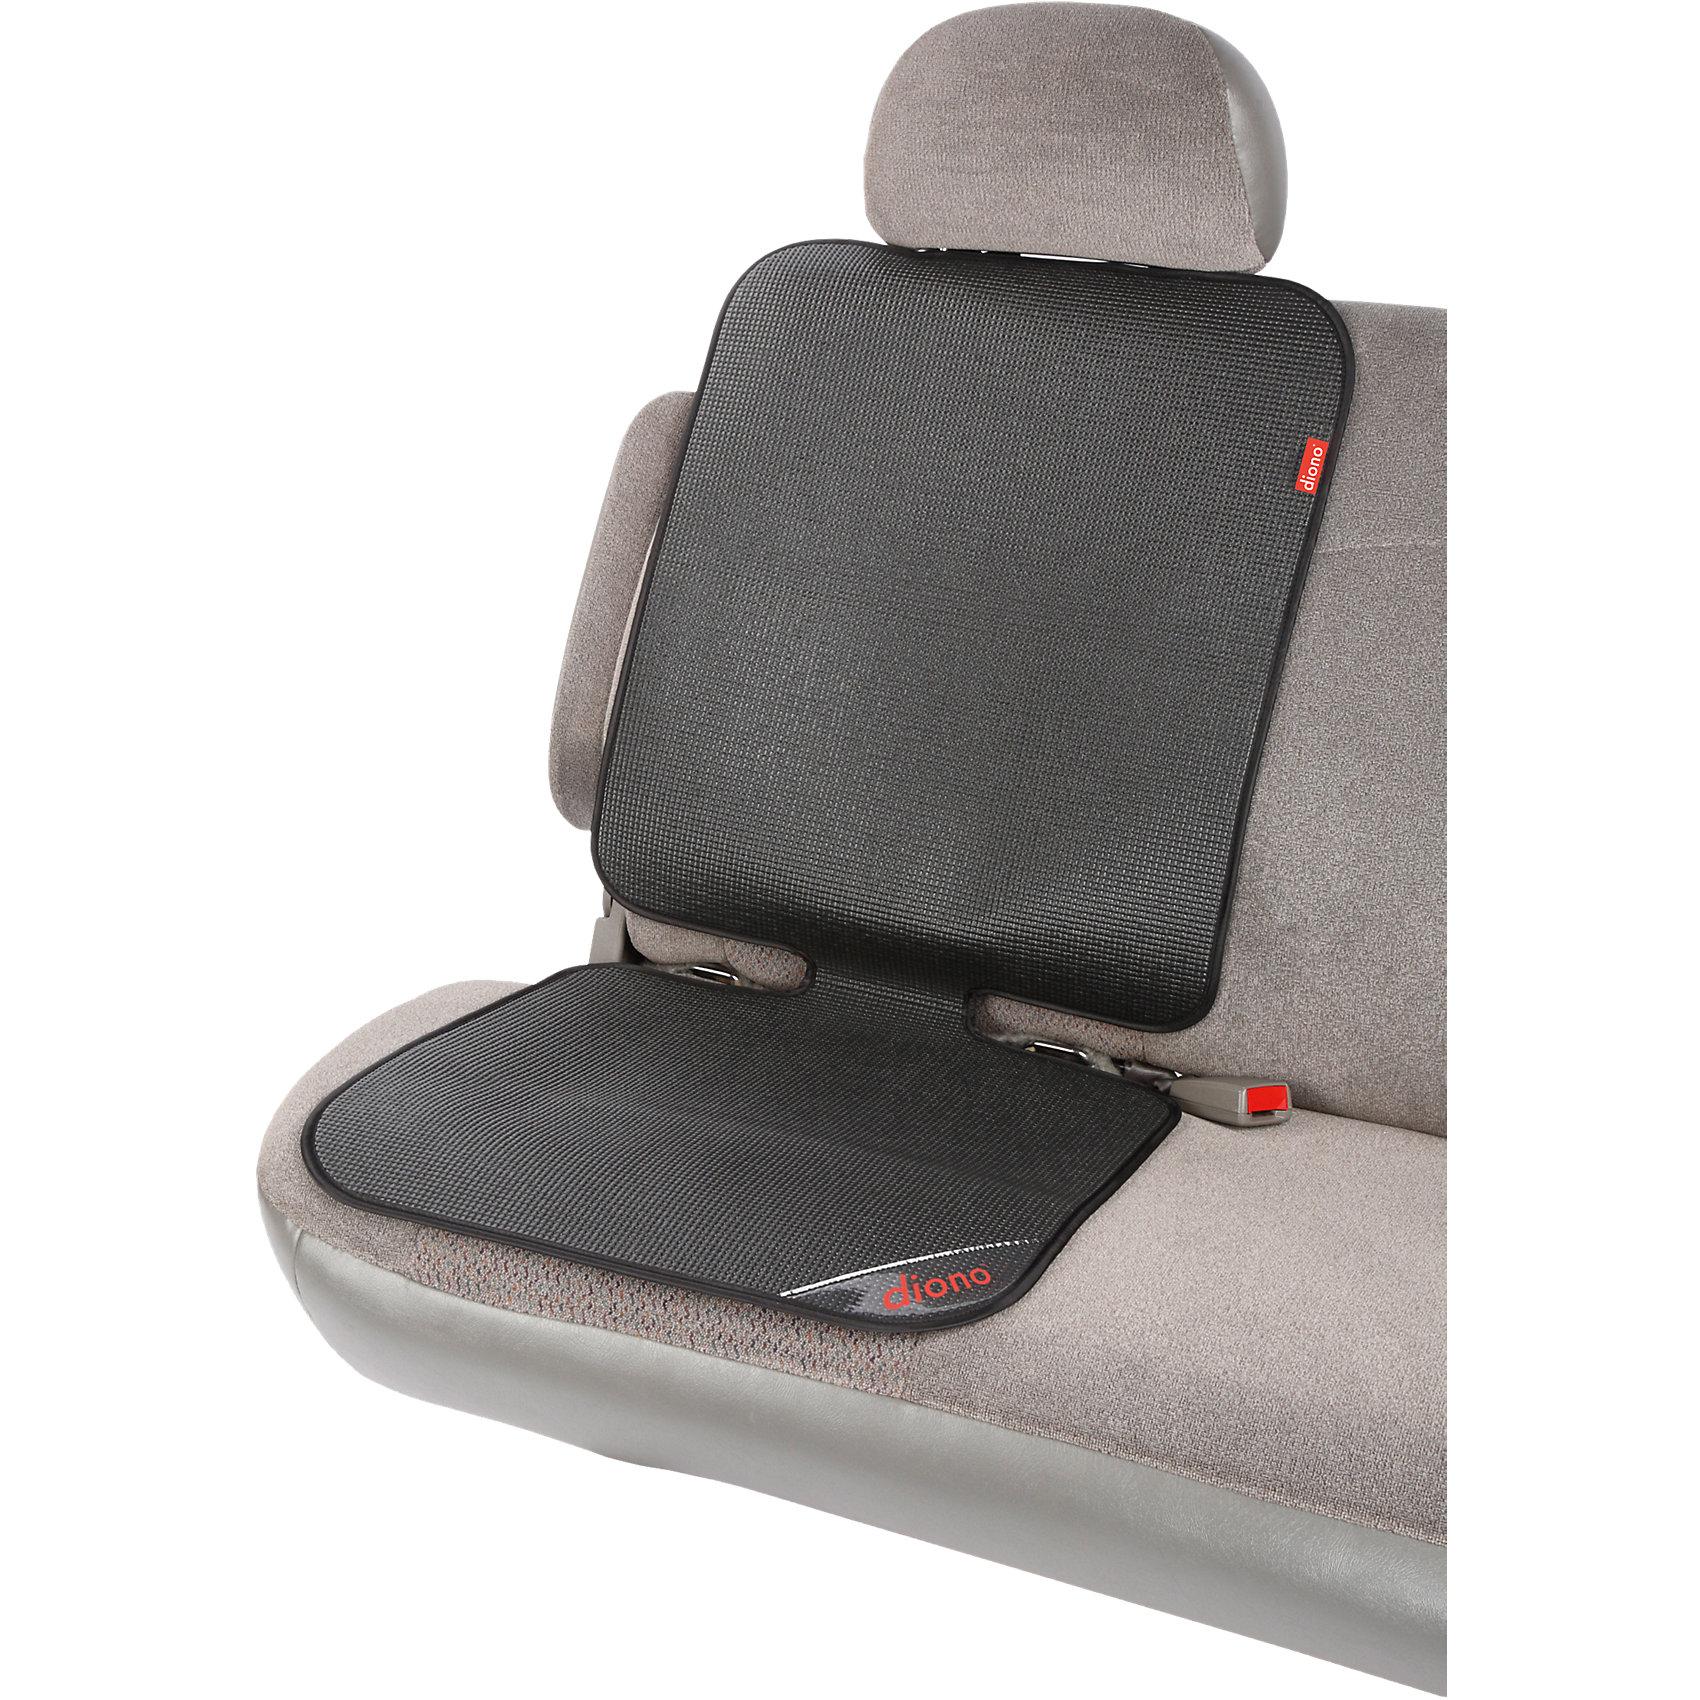 Чехол для автомобильного сидения  Grip It , Diono, Black